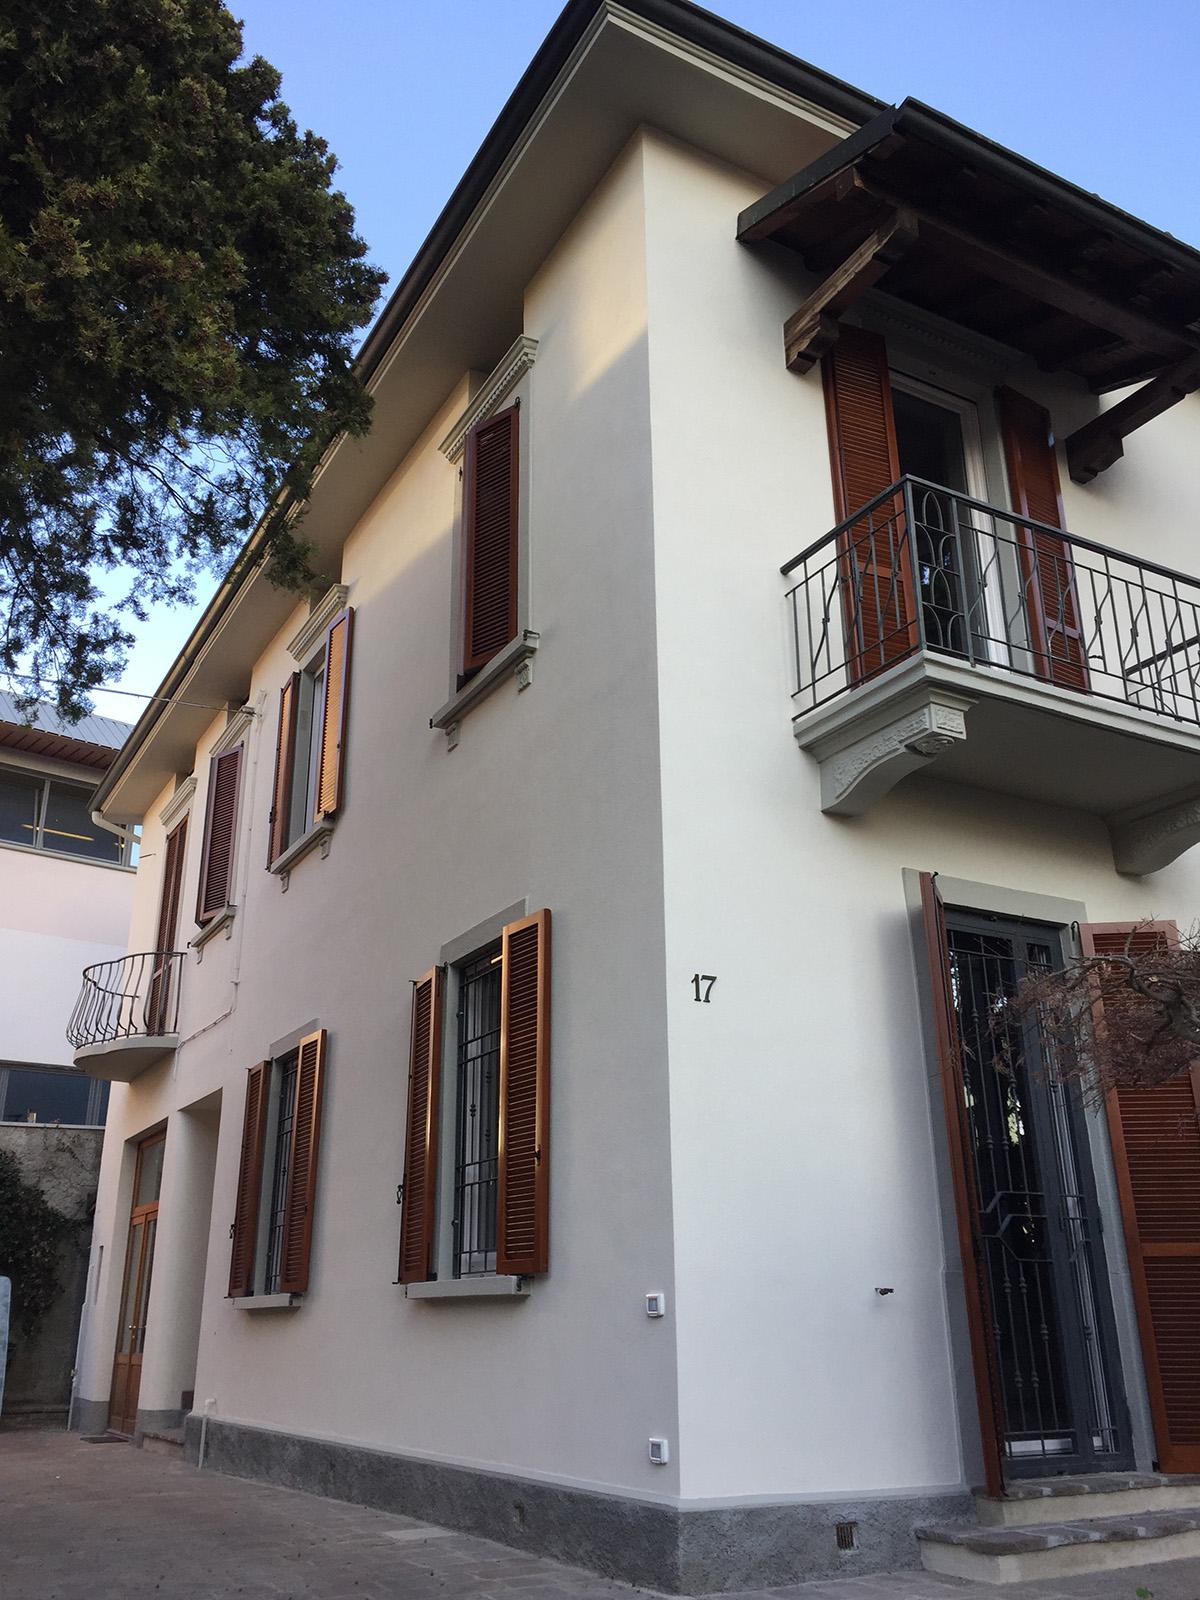 Perico-Renato-Bergamo - Via Gerosa - Ristrutturazione 2